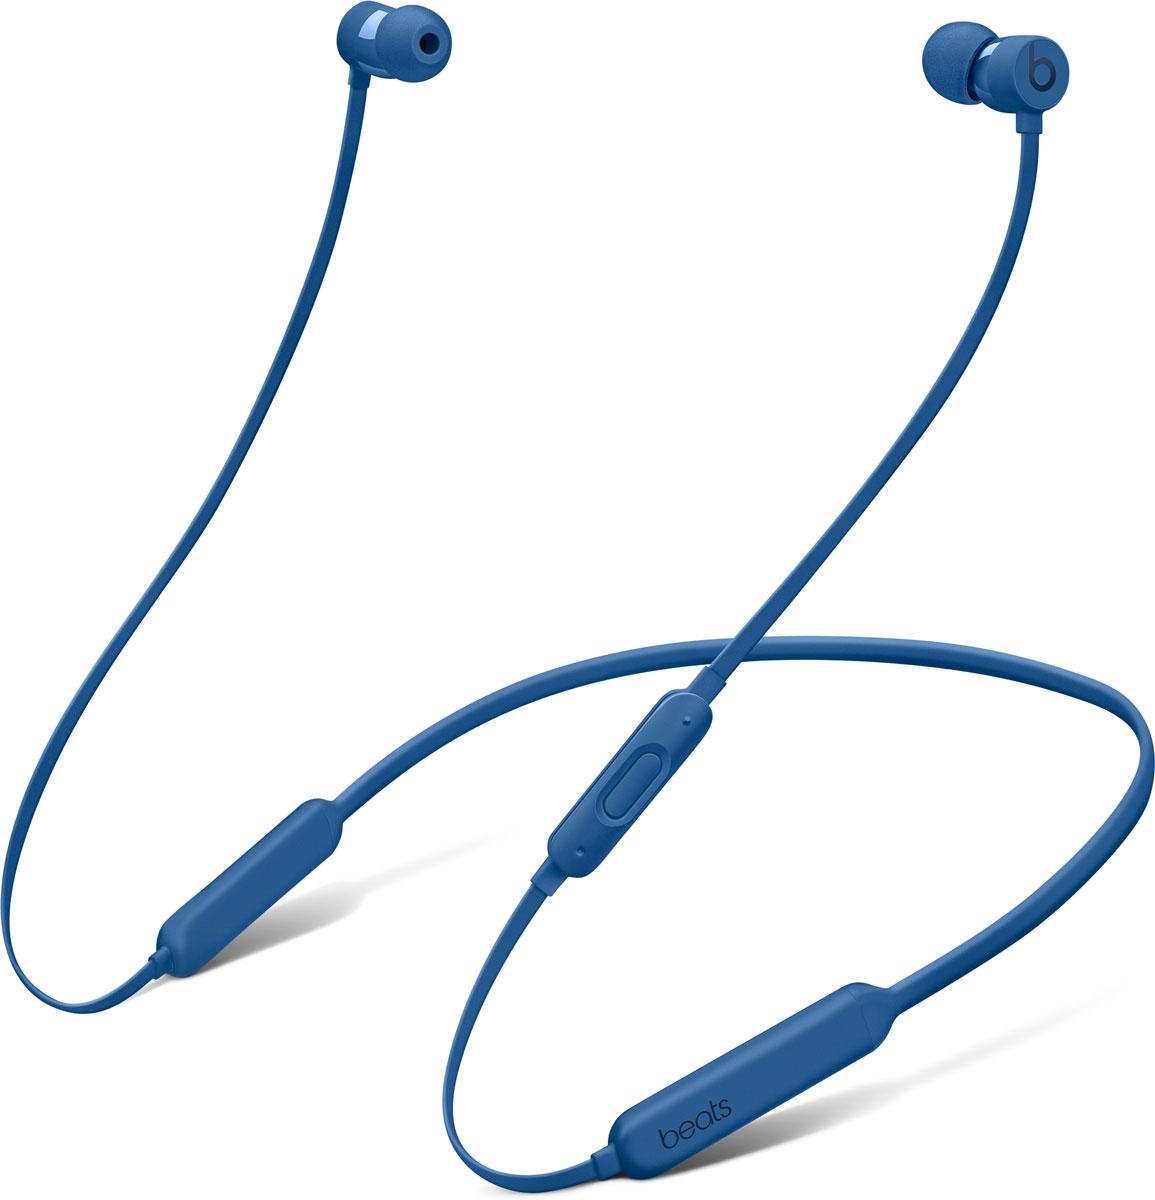 BeatsX, Blue наушникиMLYG2ZE/AБеспроводные наушники BeatsX станут вашим верным спутником — чем бы вы ни занимались. Чистое и естественное звучание любимой музыки будет сопровождать вас целый день — наушники могут работать без подзарядки до 8 часов. 5-минутной зарядки Fast Fuel хватит ещё на 2 часа воспроизведения. Наушники с уникальным кабелем Flex-Form можно не снимать целый день. Различные вкладыши и дополнительные крепления позволяют отрегулировать наушники так, чтобы они держались надёжно. А ещё их очень удобно носить с собой в кармане. Наушники BeatsX работают с полной отдачей. Изящные, лёгкие и компактные, они станут вашим идеальным компаньоном — и вы не запутаетесь в проводах. Включите их и поднесите к своему iPhone — они мгновенно подключатся к нему, а заодно и к вашим Apple Watch, iPad и Mac. Наушники BeatsX с технологией Bluetooth класса 1 обеспечивают наилучшее качество беспроводной связи. Чёткое воспроизведение всех частот и усовершенствованная шумоизоляция...